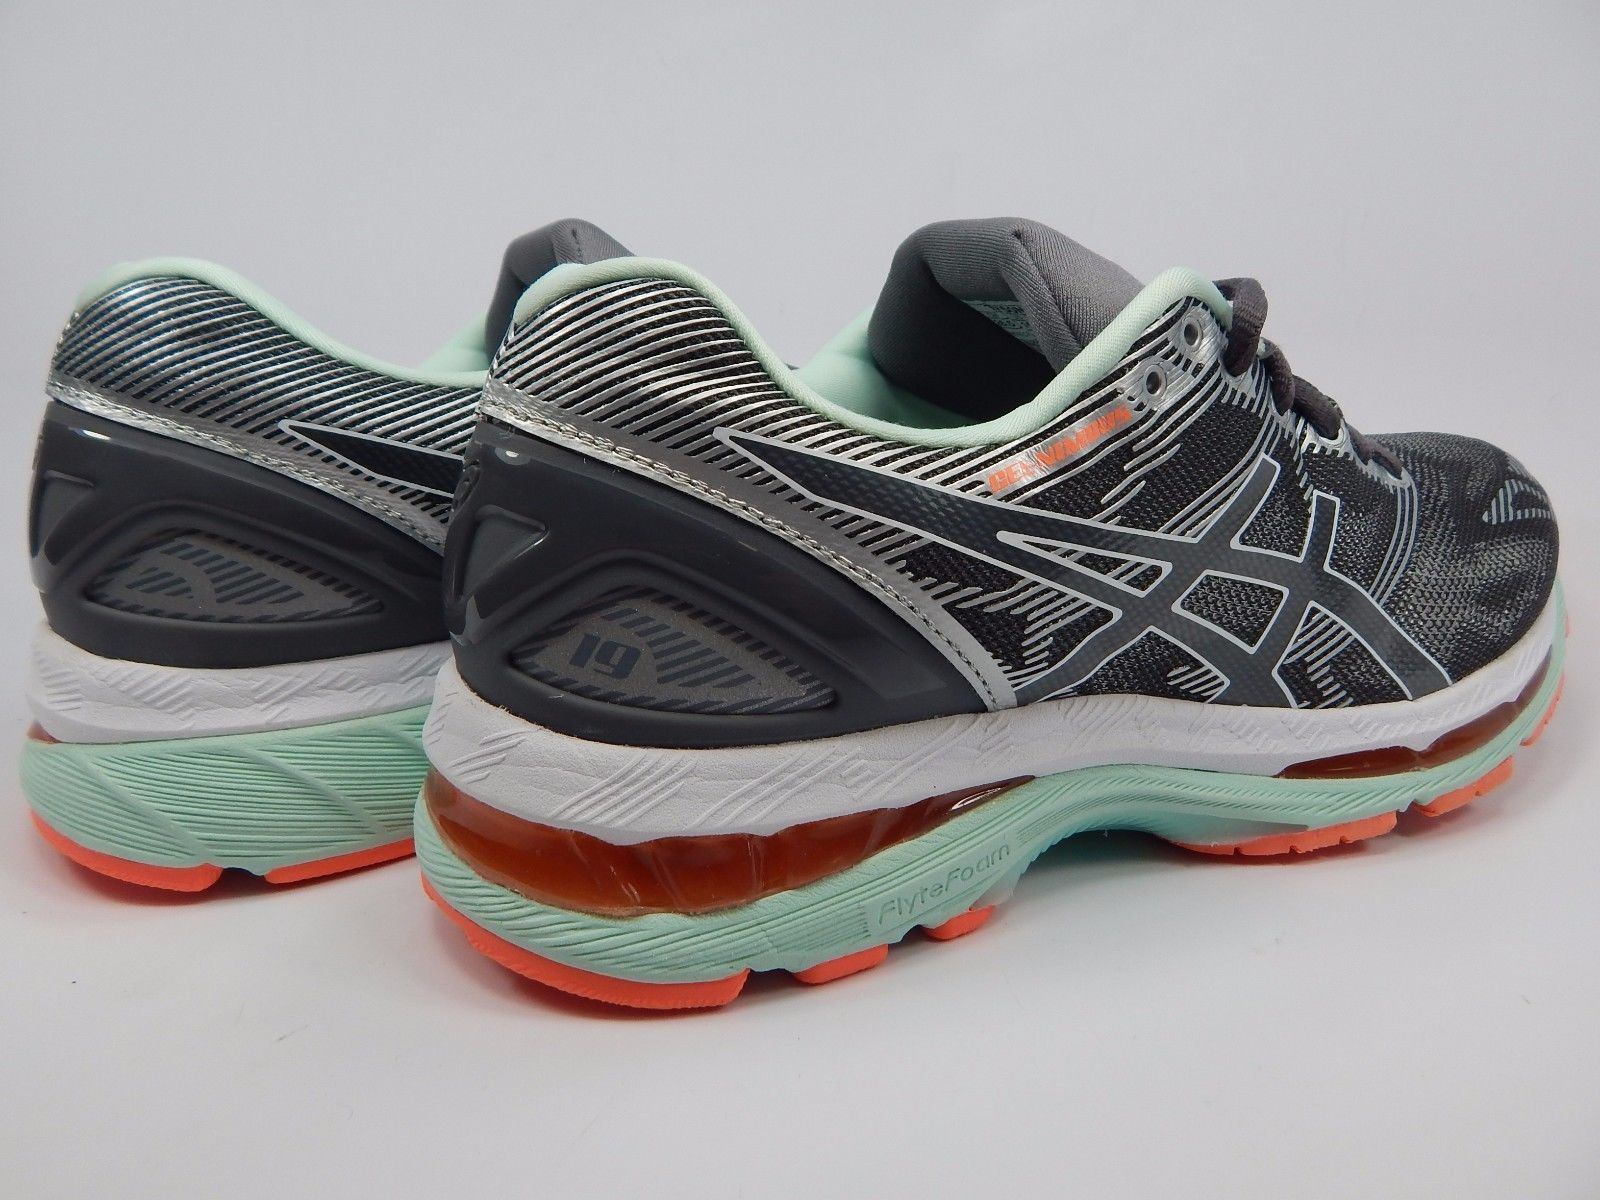 Chaussures de course (B) Asics Gel Nimbus Gel 19 pour femme, 19891 taille US 10 M (B) EU 42 e0c9a7c - canadian-onlinepharmacy.website